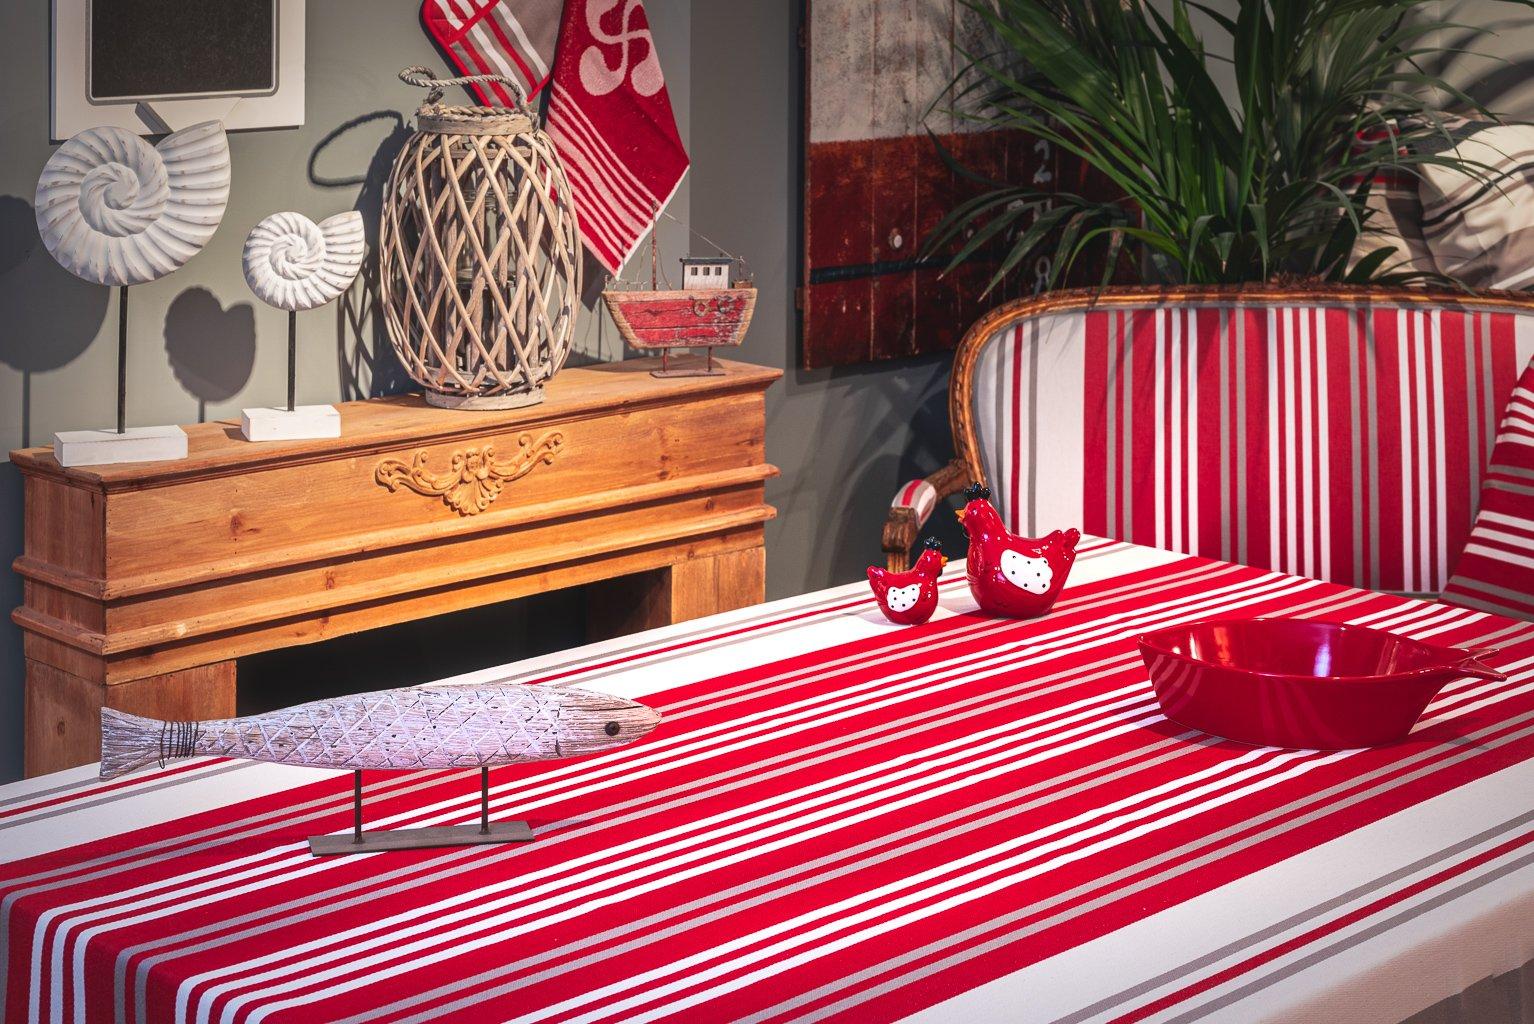 Nappe anti-taches 100% Coton de satin rouge 350 x 160 cm